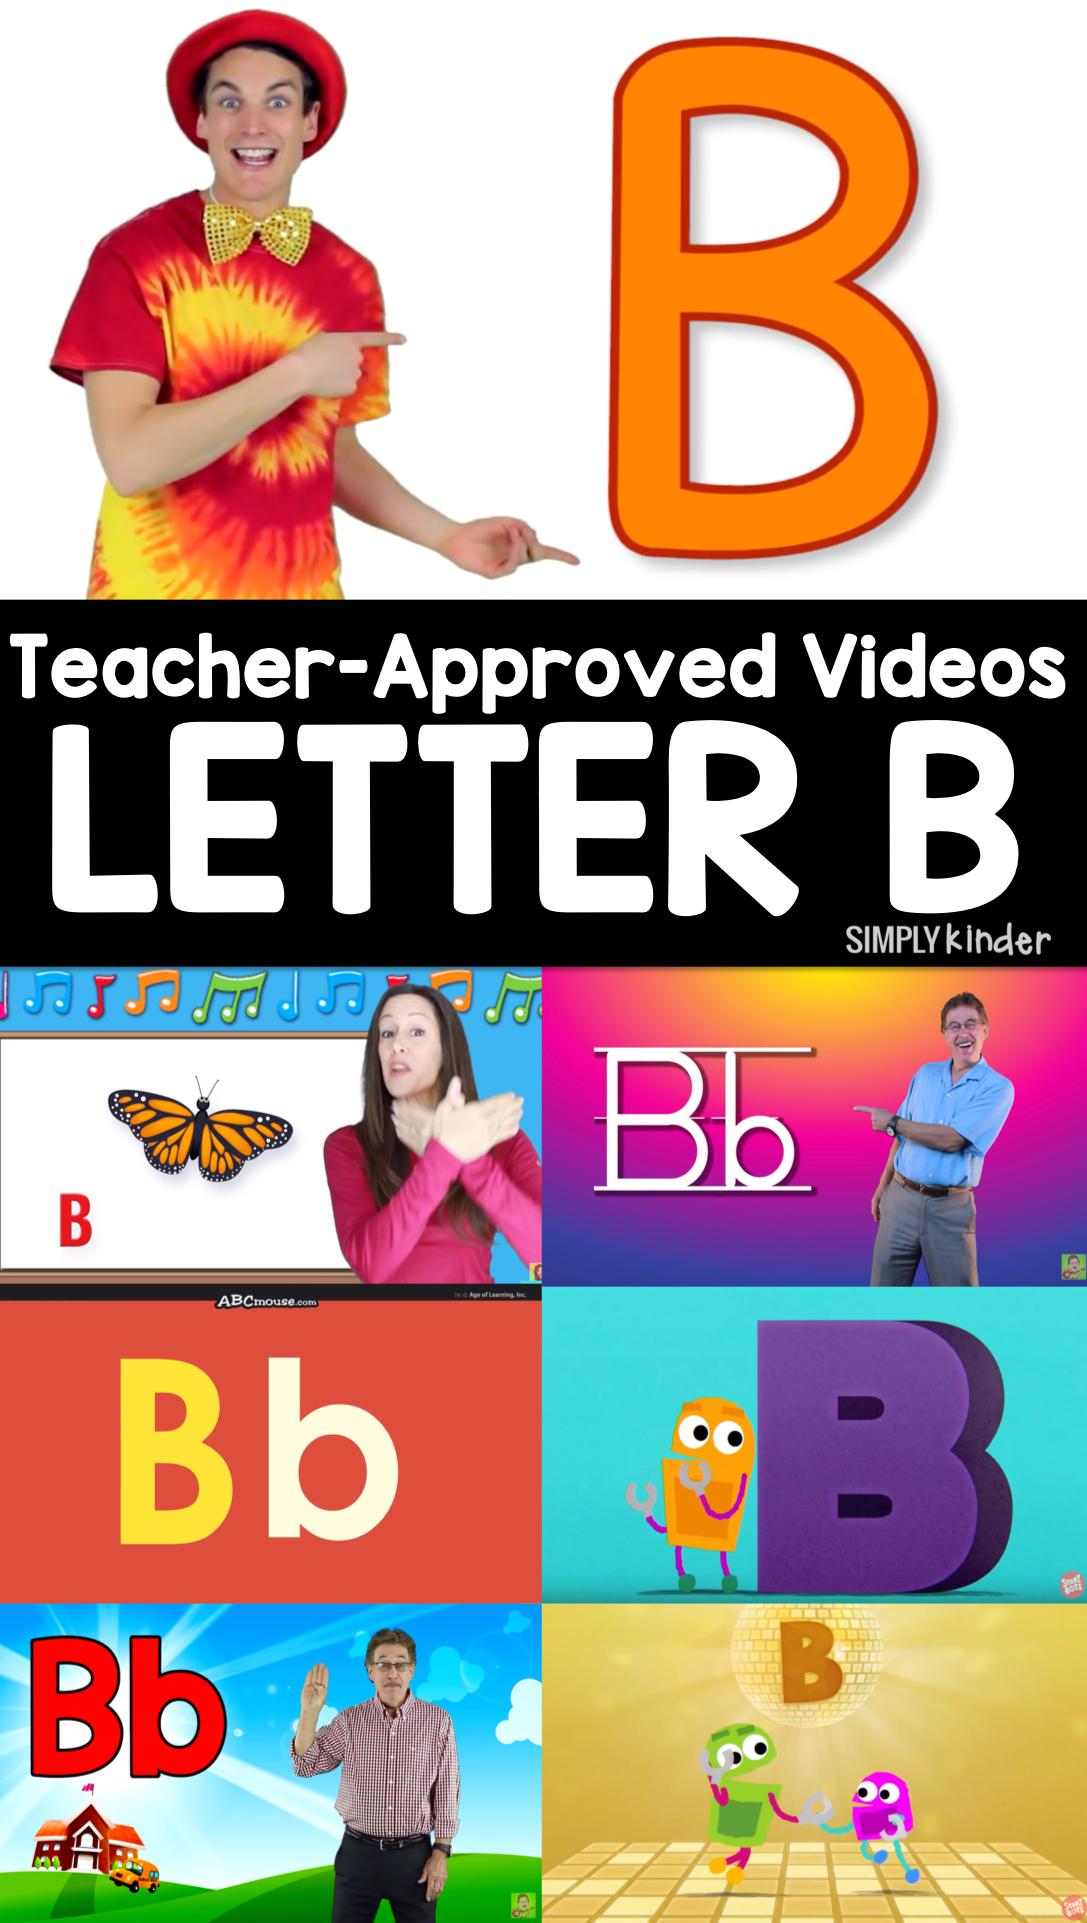 Teacher-Approved Videos Letter B